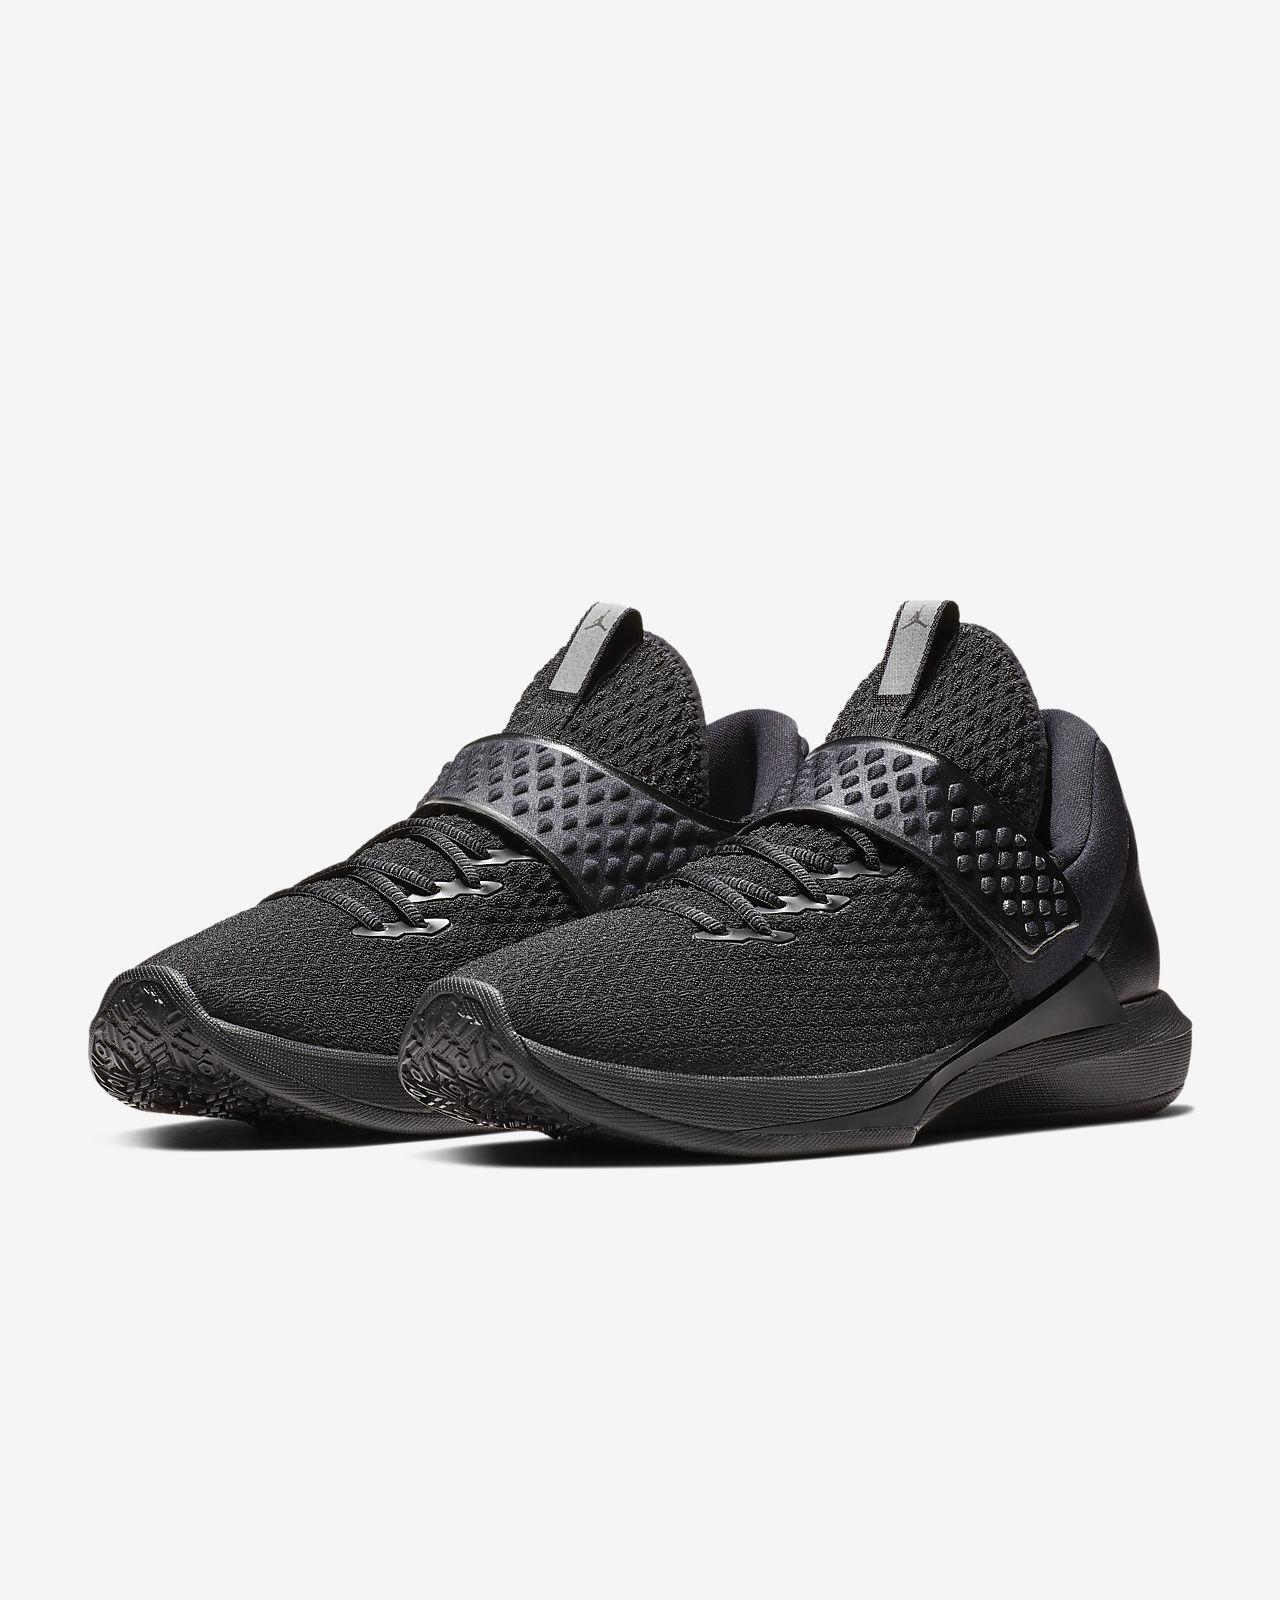 af9a6421b78d Jordan Trainer 3 Men s Training Shoe. Nike.com IN